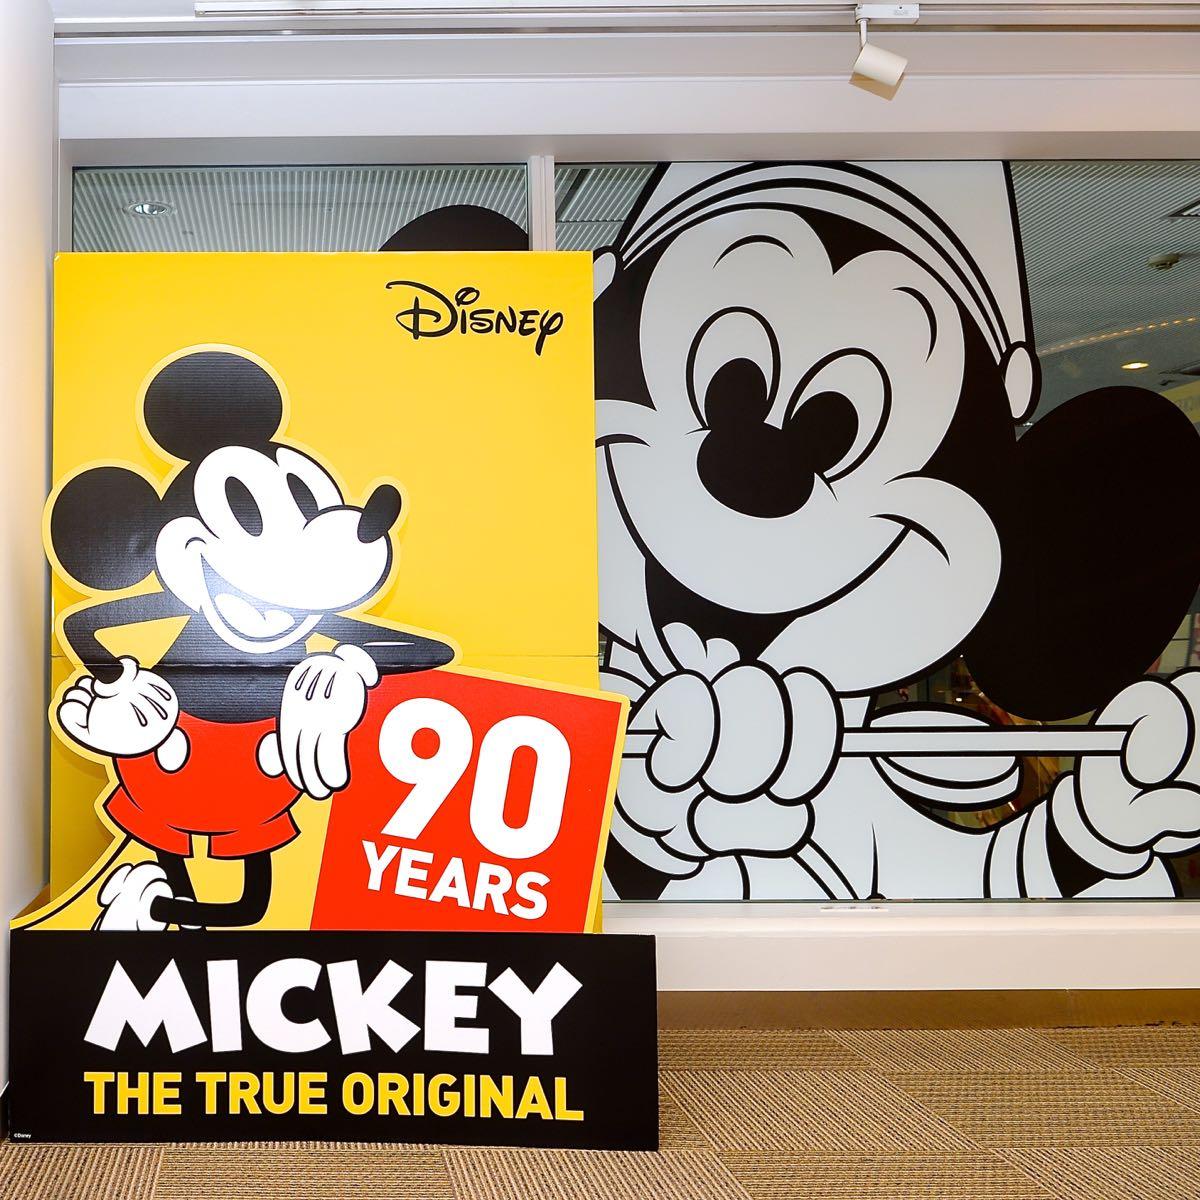 ミッキー90周年記念グッズ満載のスペシャルショップ disney mickey 90th